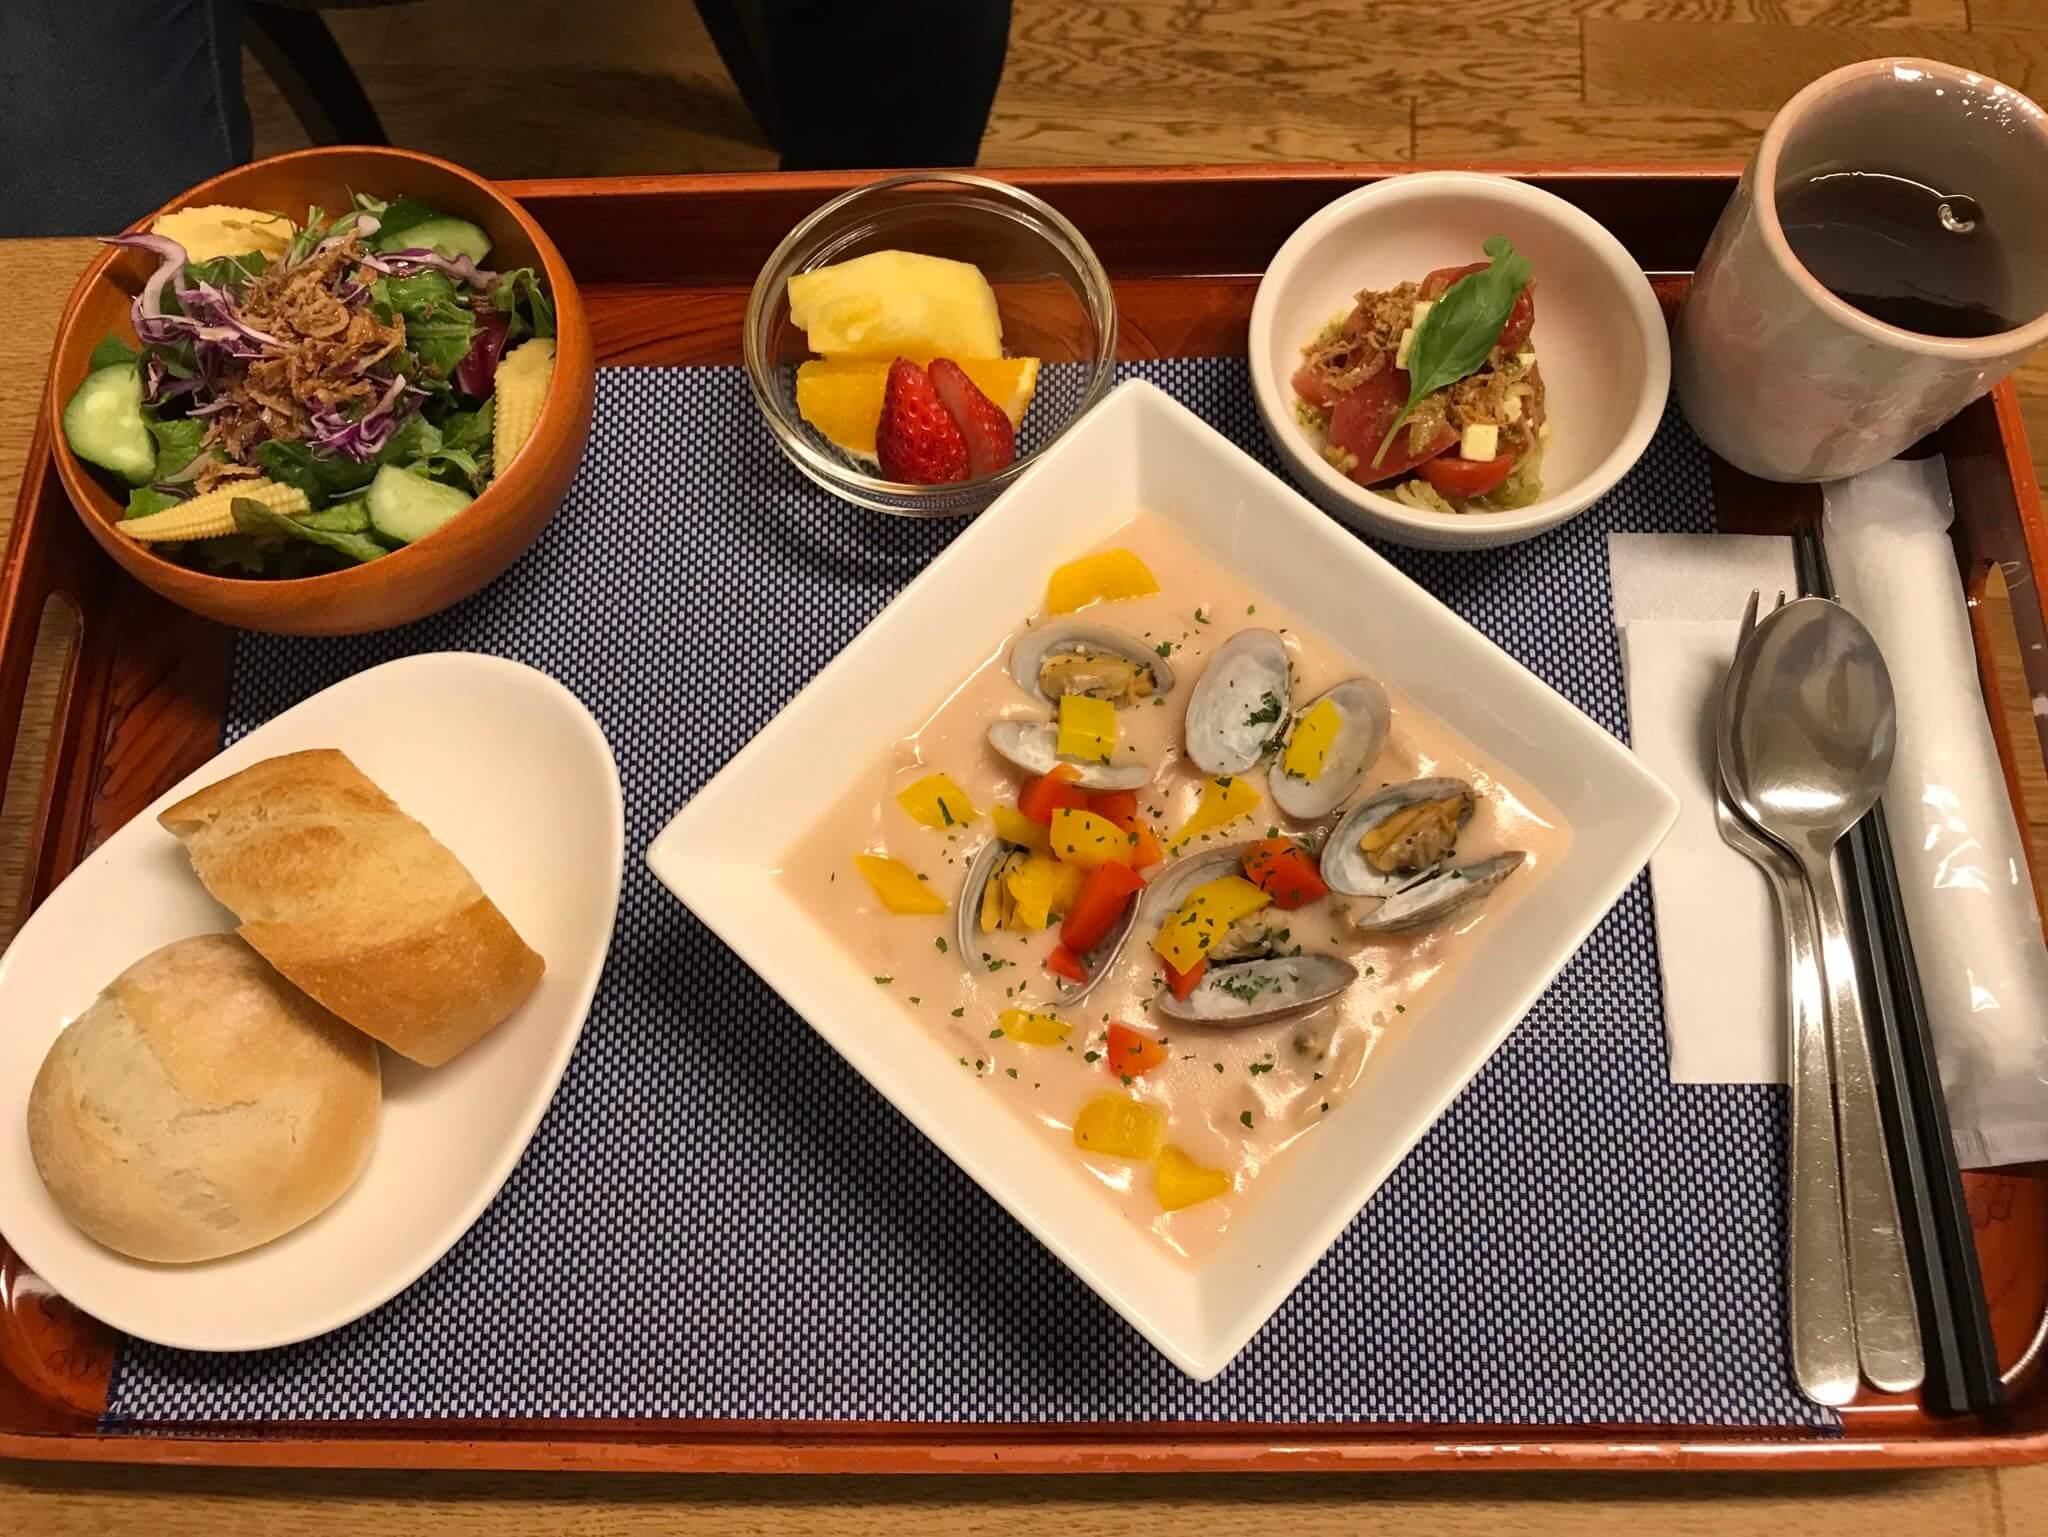 Japanese hospital food 2 (1)